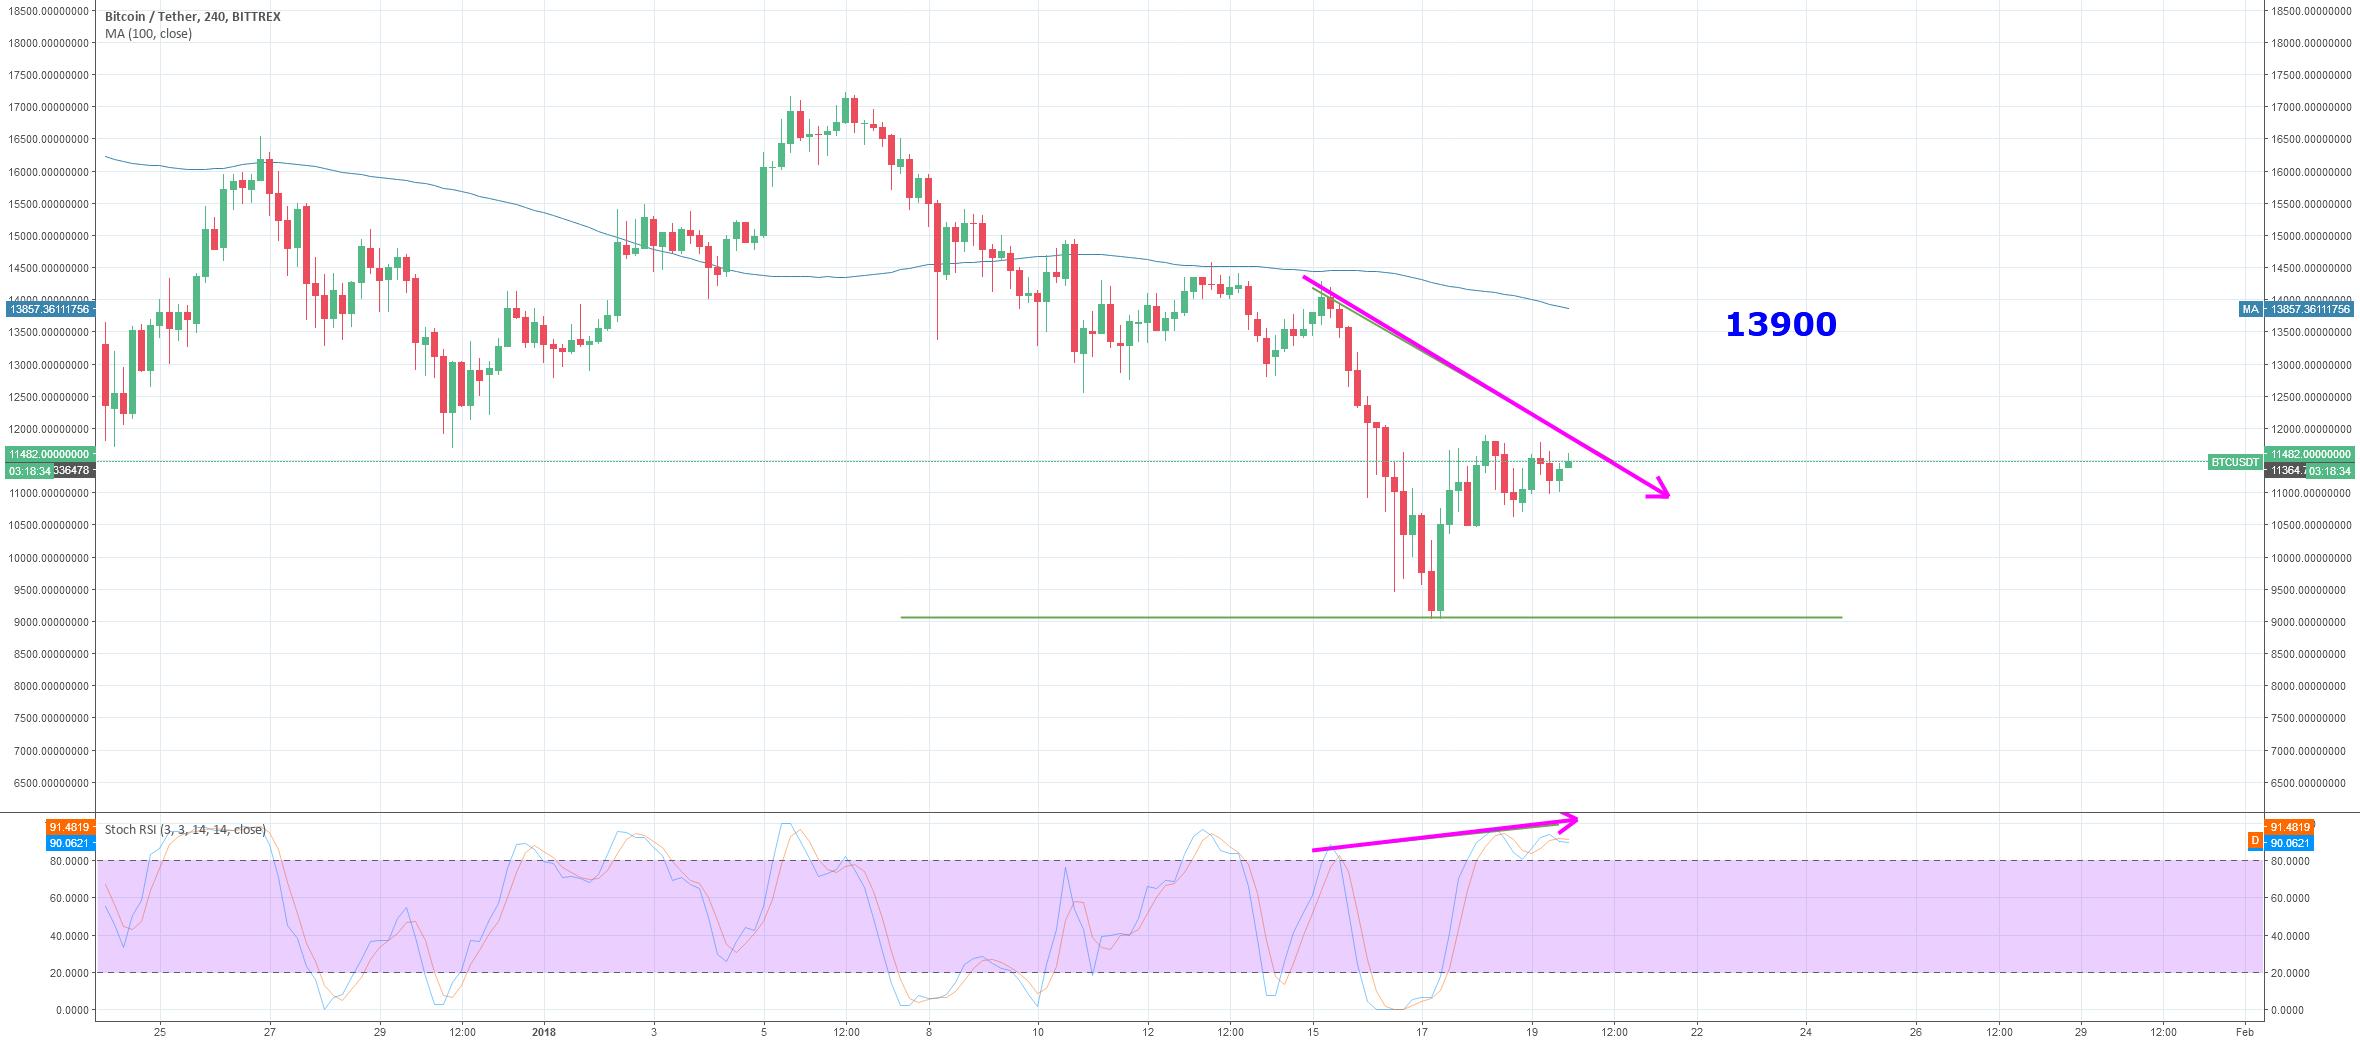 Bullish divergence - heading to 13940